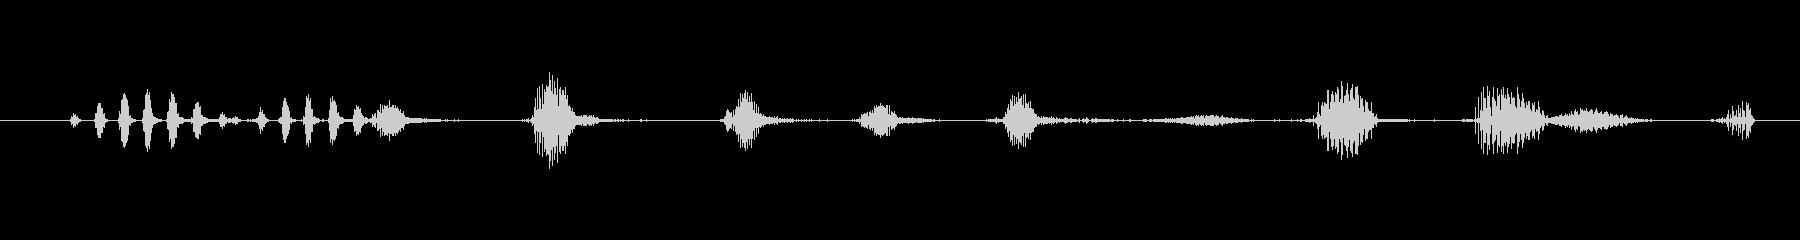 特撮 グリッチ伝送01の未再生の波形